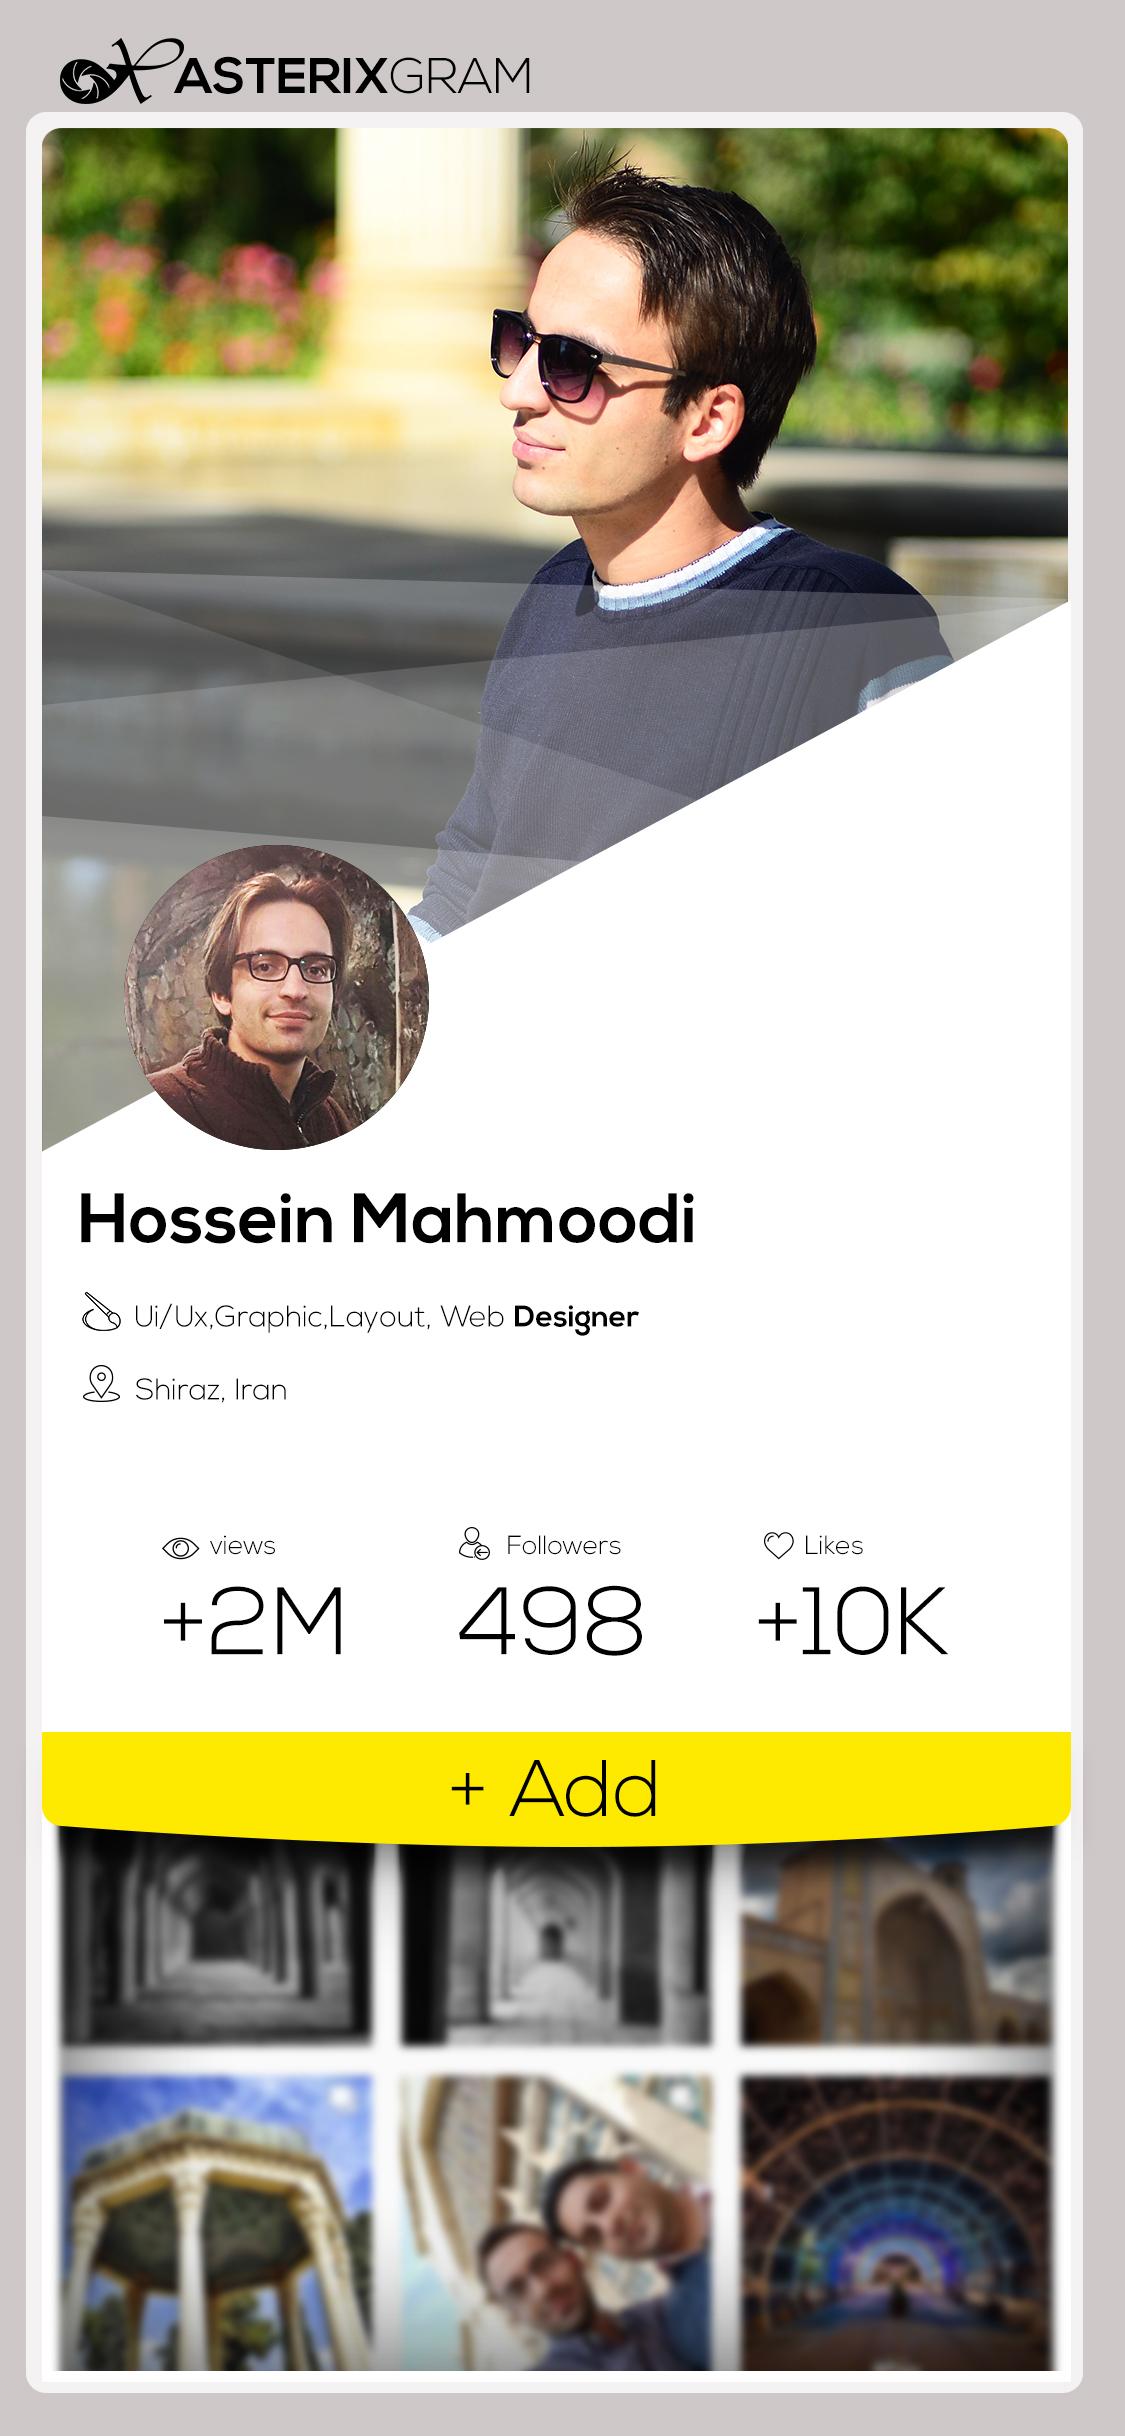 نمونه کار: طراحی رابط کاربری صفحه Profile